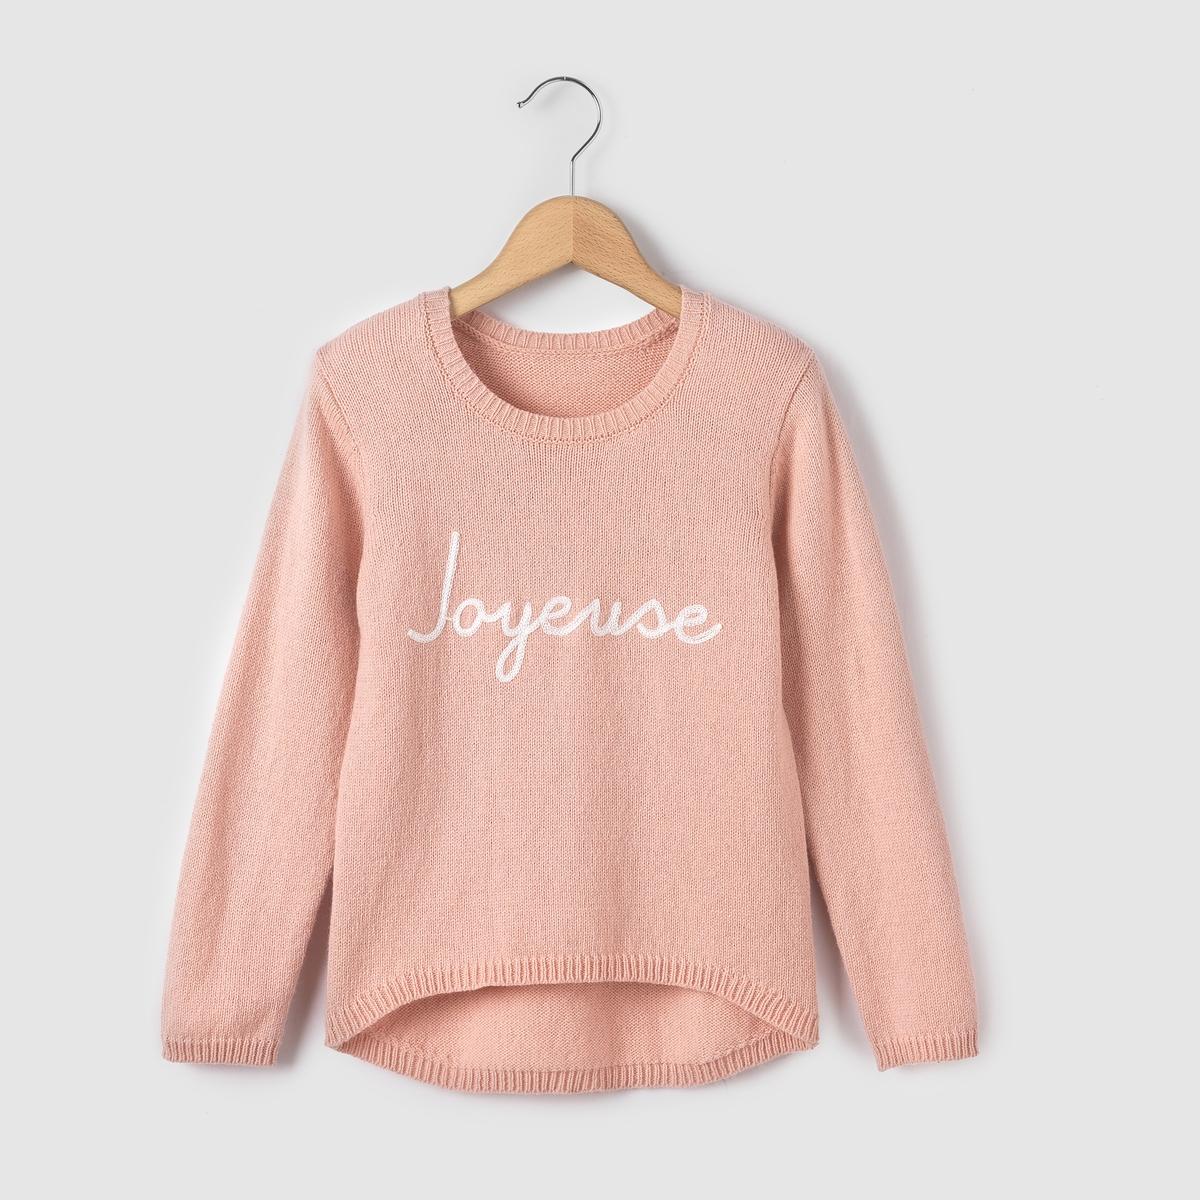 Пуловер теплый с вышитой надписью joyeuse, 3-12 лет